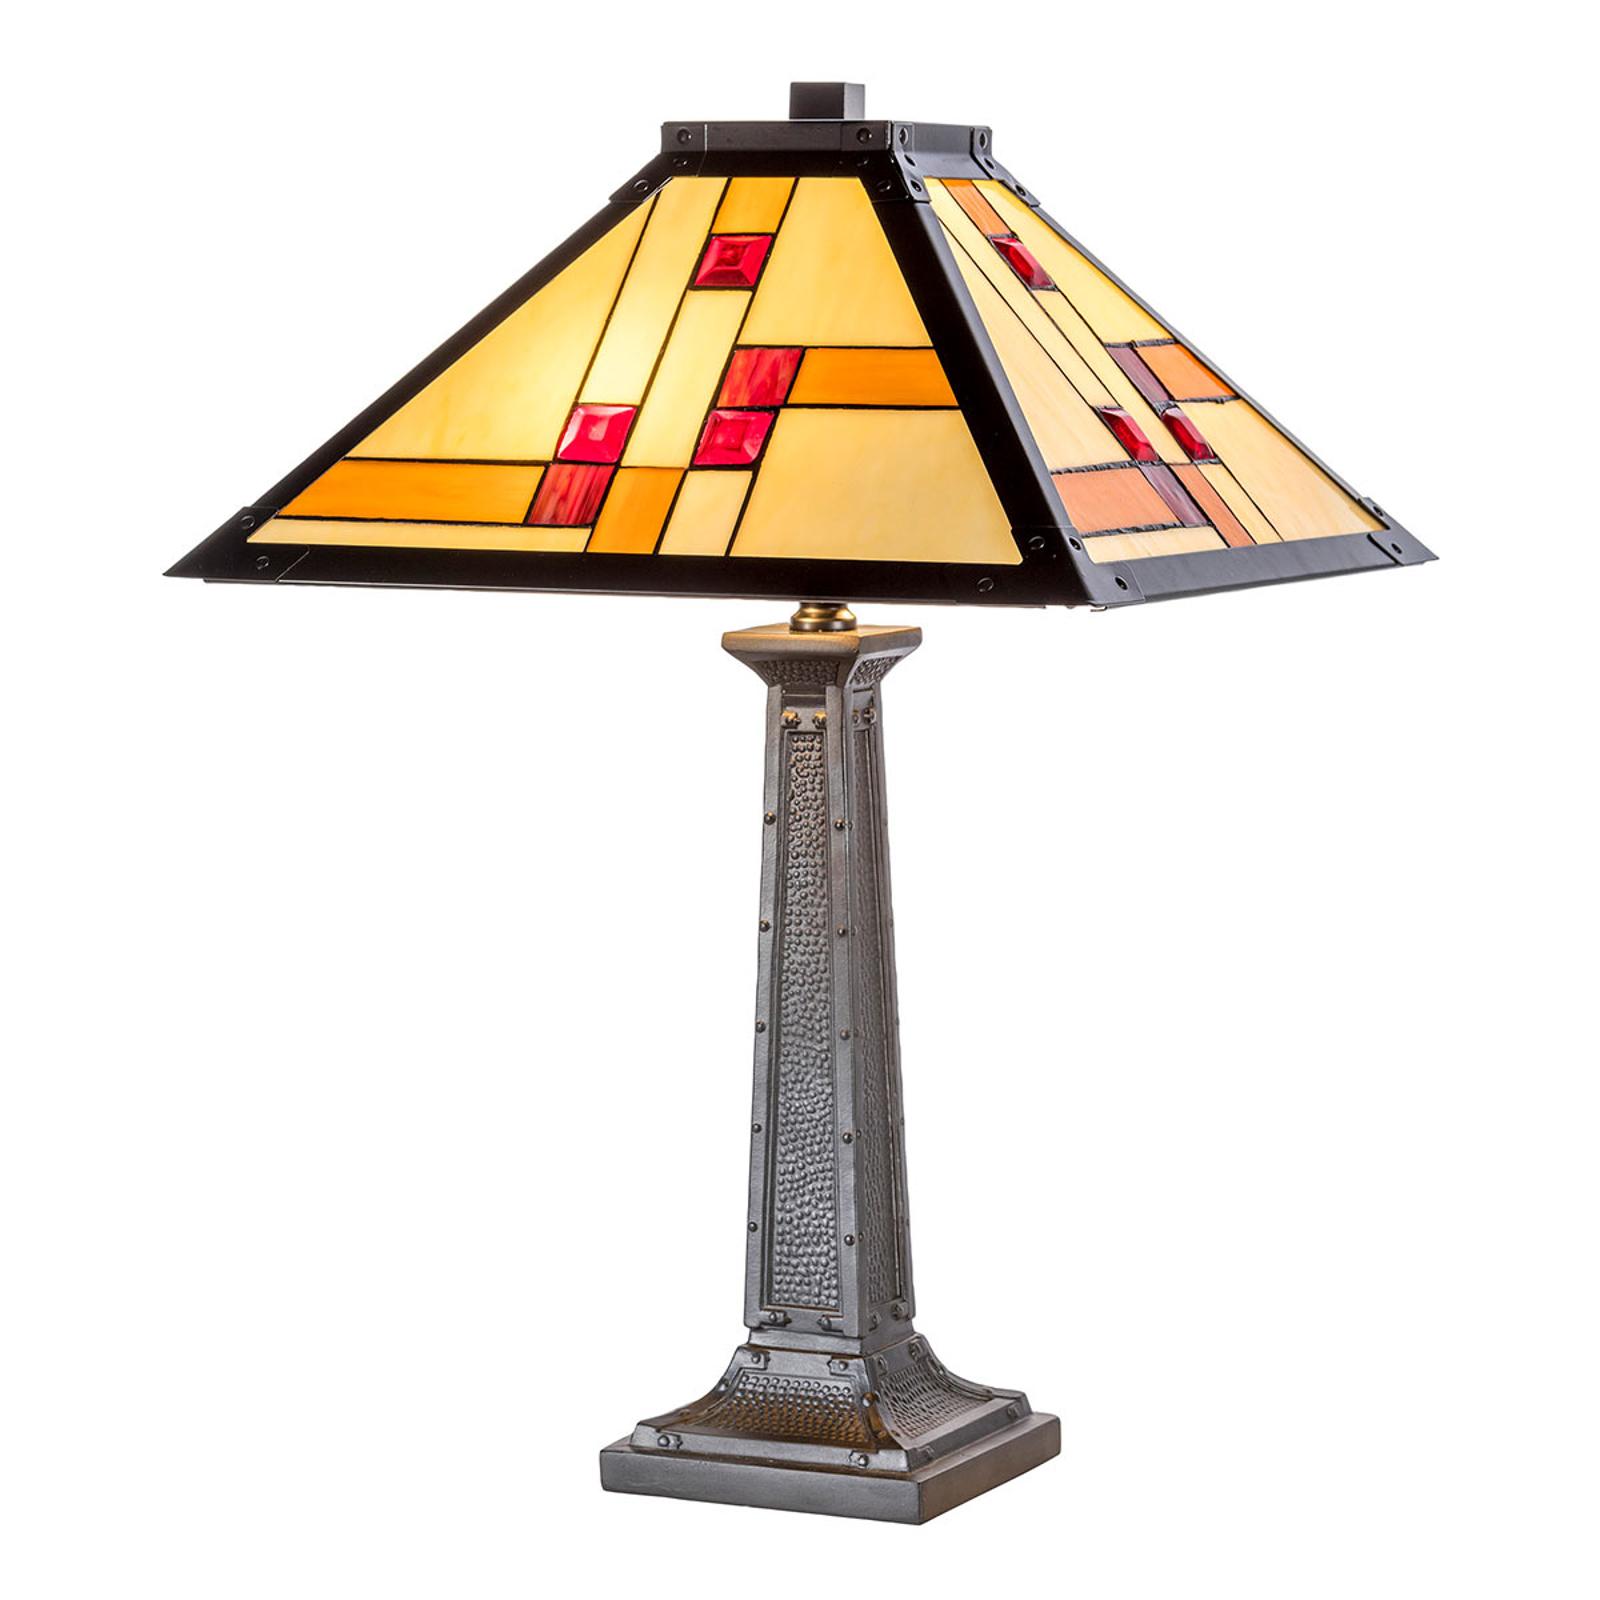 Lampa stołowa KT1836-40+P1836 w stylu Tiffany